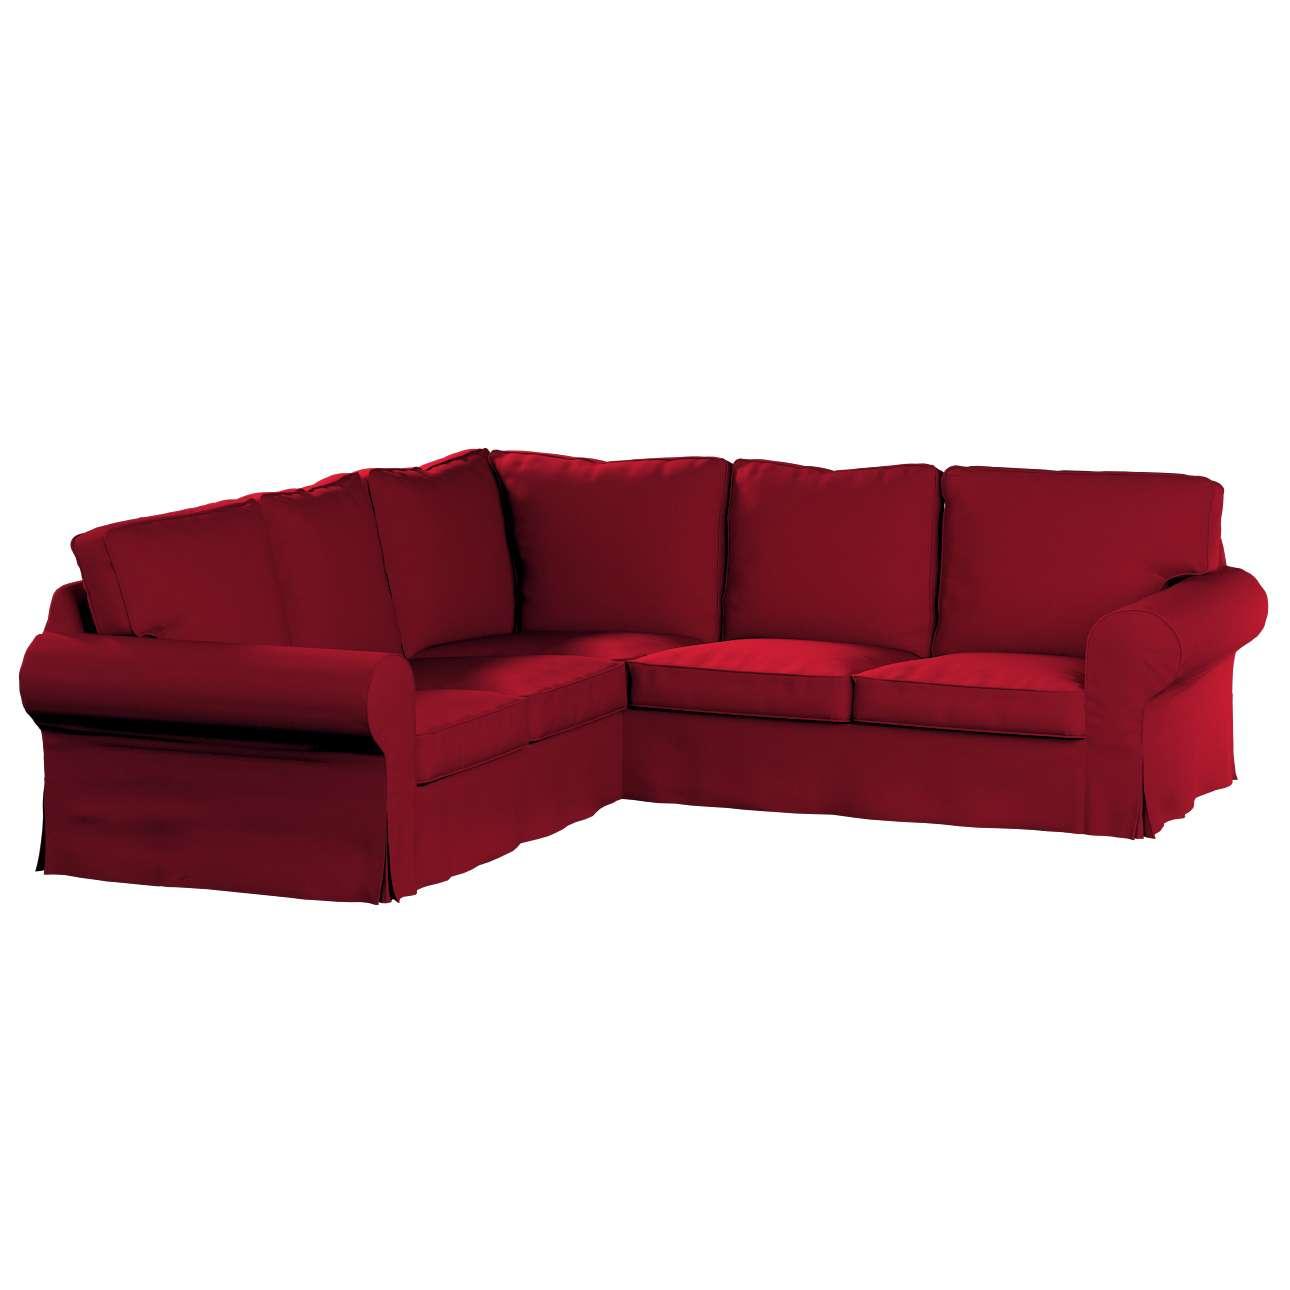 Pokrowiec na sofę Ektorp narożną Sofa Ektorp narożna w kolekcji Etna , tkanina: 705-60